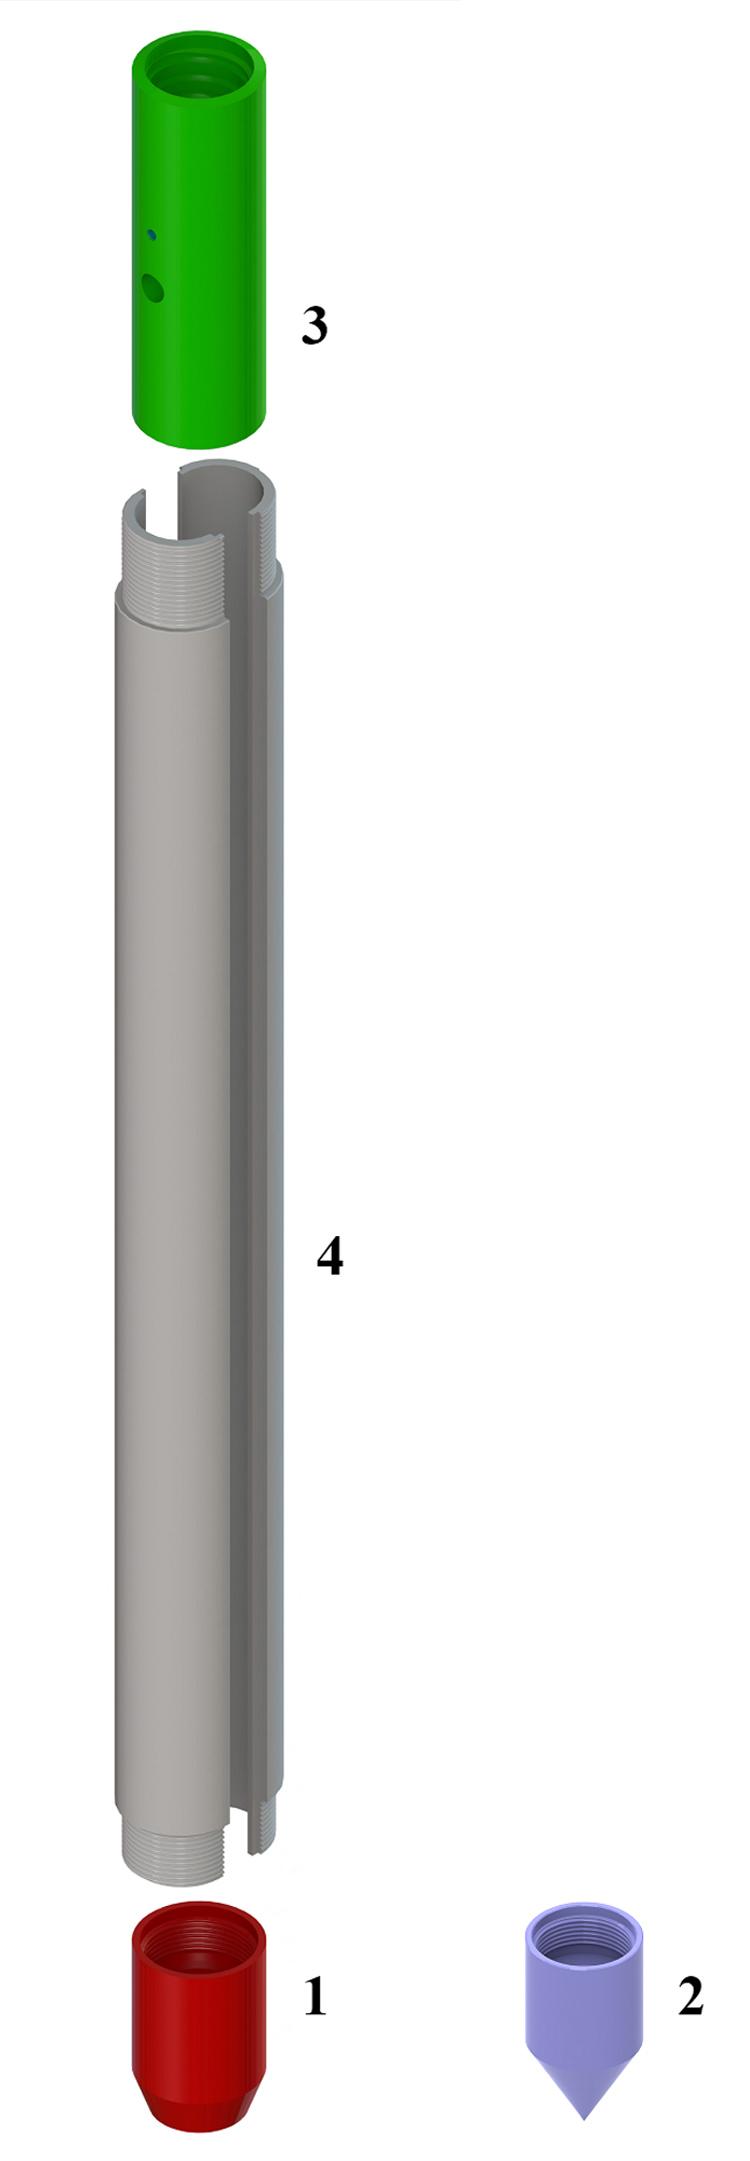 Martino SPT penetrometro dinamico coring convenzionale campionatore